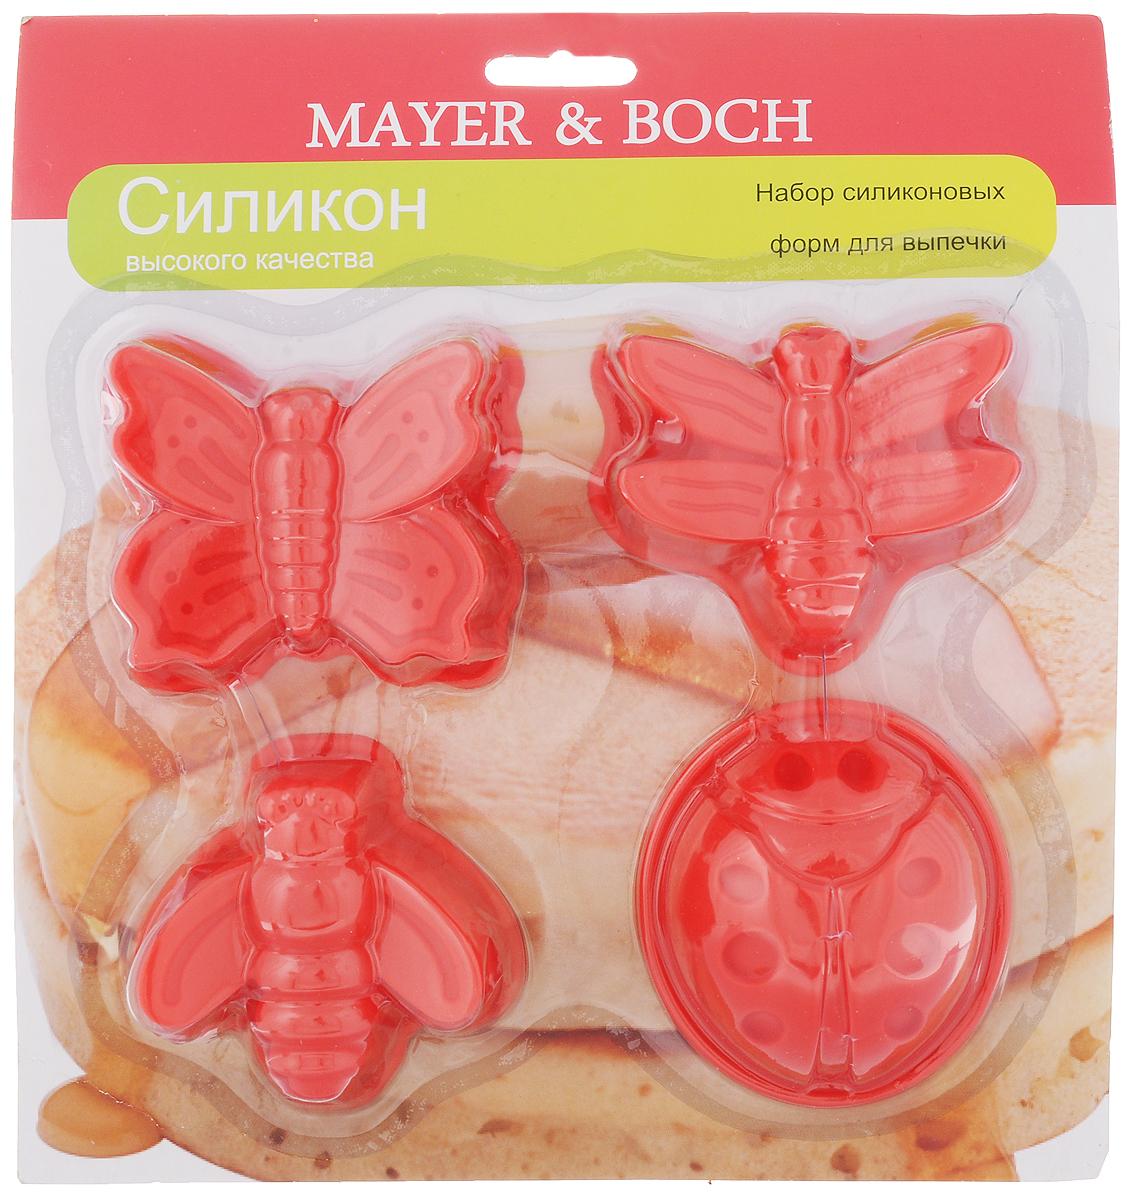 Набор форм для выпечки Mayer & Boch, цвет: красный, 4 шт391602Набор Mayer & Boch состоит из 4 форм, которые выполнены в виде насекомых. Изделияизготовлены из высококачественного силикона,выдерживающего температуру от -40°C до +210°C. Если вы любите побаловать своих домашних вкусным и ароматным угощением повашему оригинальному рецепту, то формы Mayer & Boch как раз то, что вам нужно!Можно использовать в духовом шкафу и микроволновой печи без использованиярежима гриль.Подходит для морозильной камеры и мытья в посудомоечной машине.Средний размер форм: 7 х 7 х 3 см.